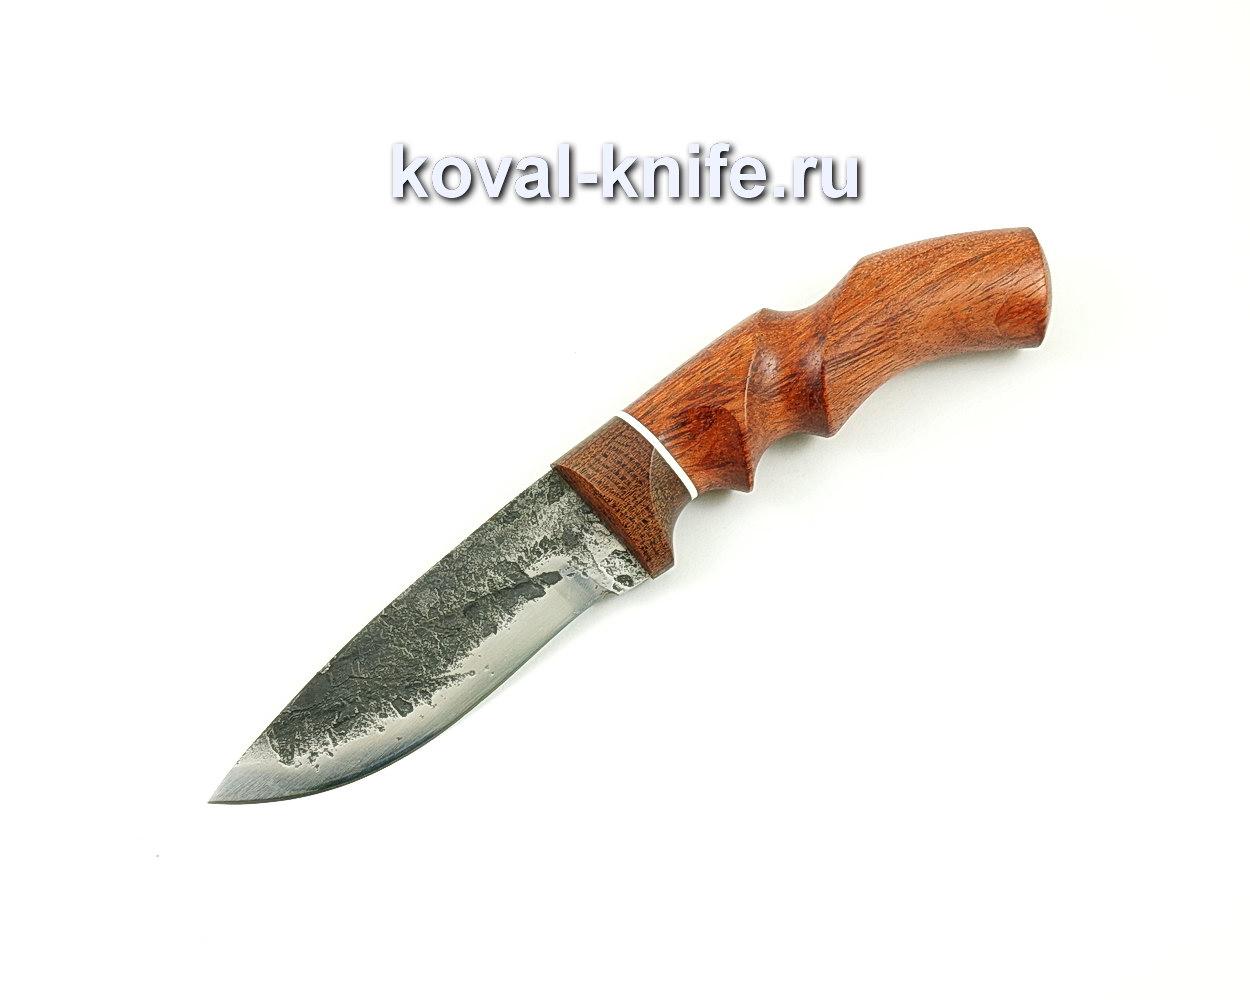 Нож Сапсан из стали 9хс (анатомическая рукоять бубинга) A405